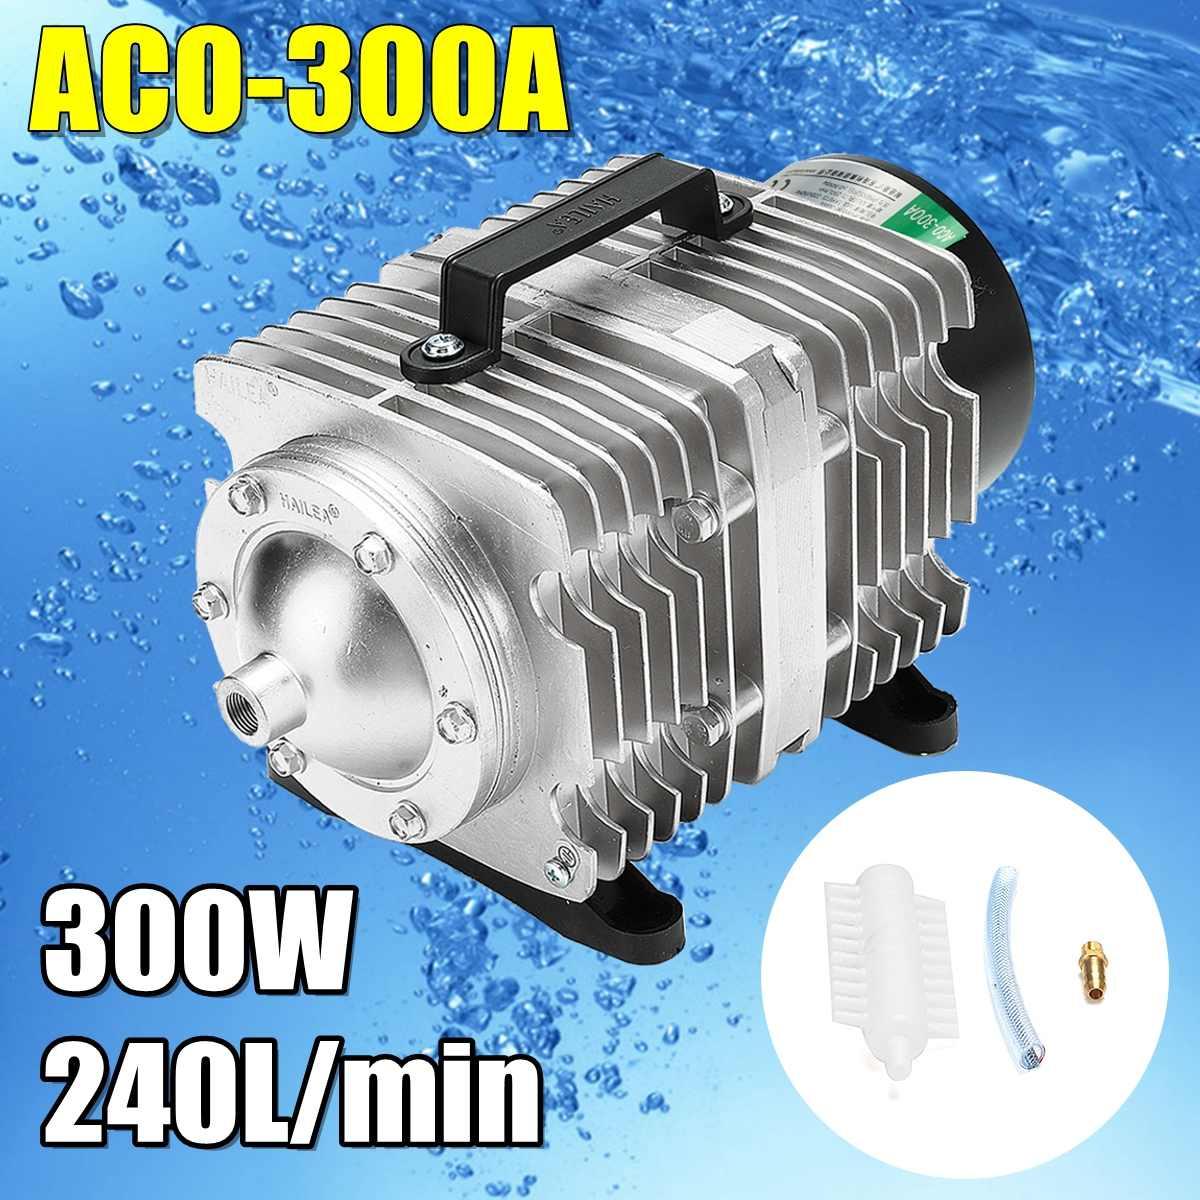 300W AC 220V 240L/min Air Compressor ACO-300A 0.04Mpa Electromagnetic Aquarium Pump Oxygen Aquarium Fish Pond Compressor